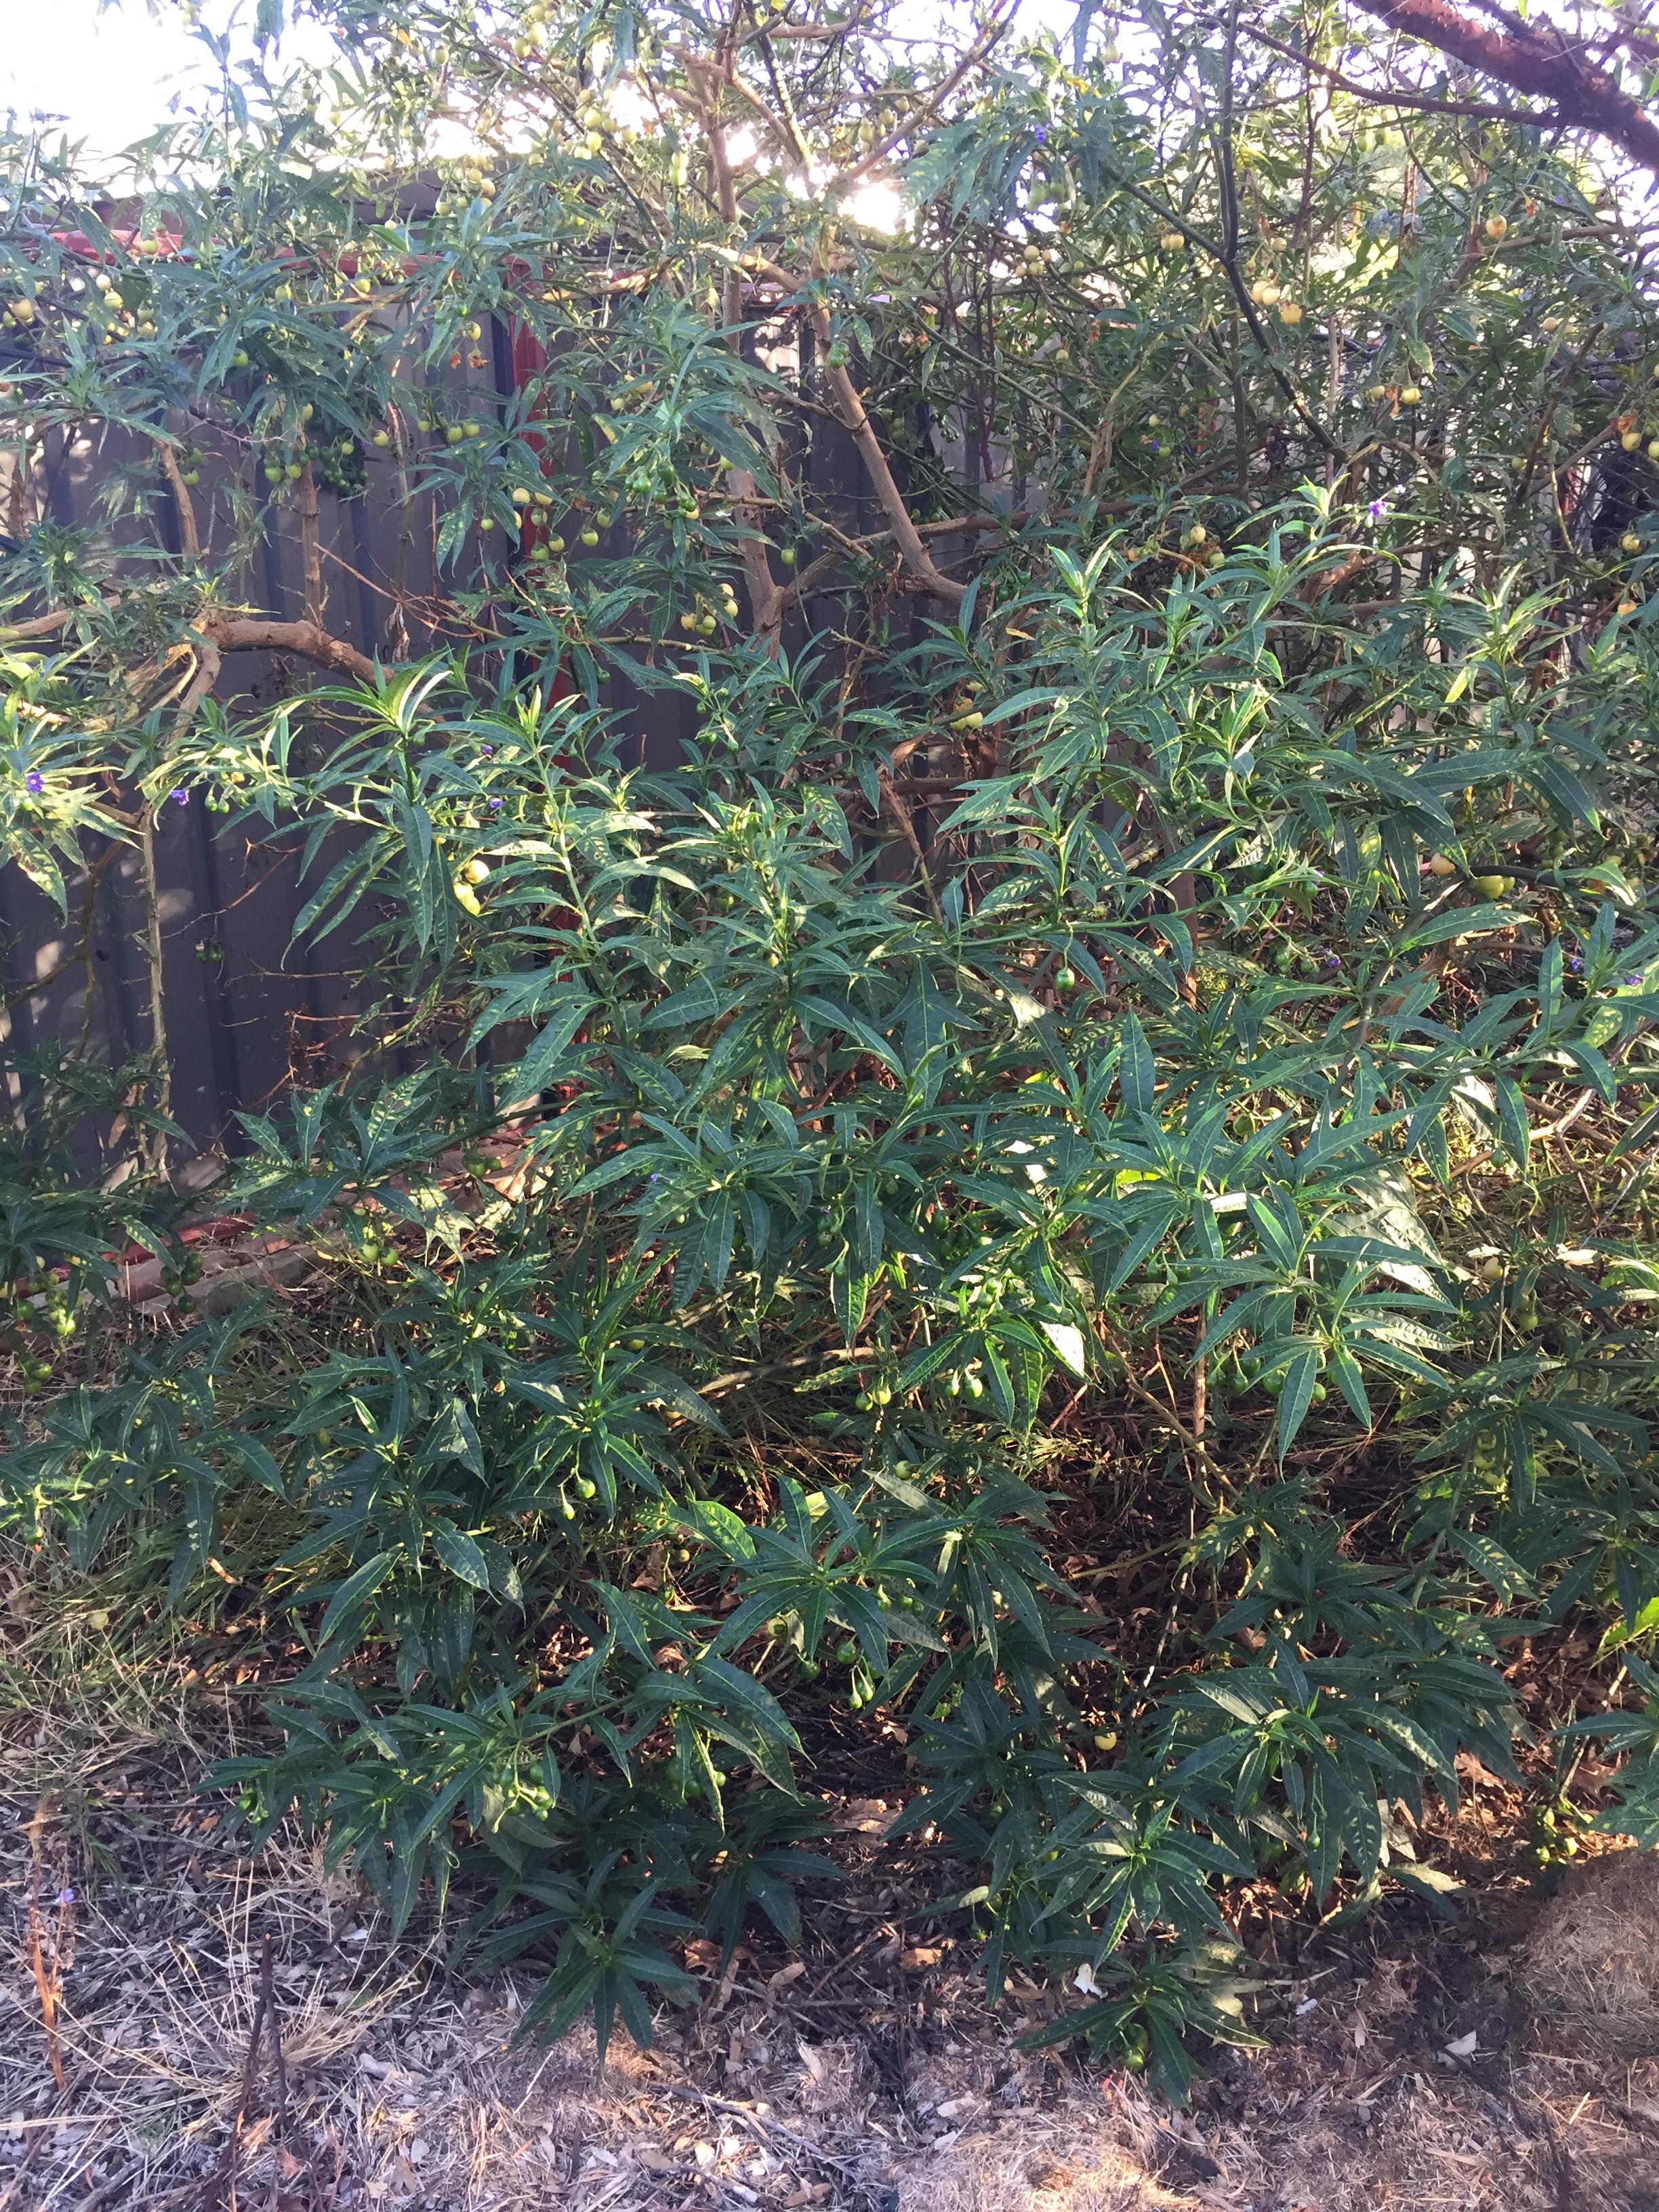 30 KANGAROO APPLE DATURA SEEDS Solanum laciniatum